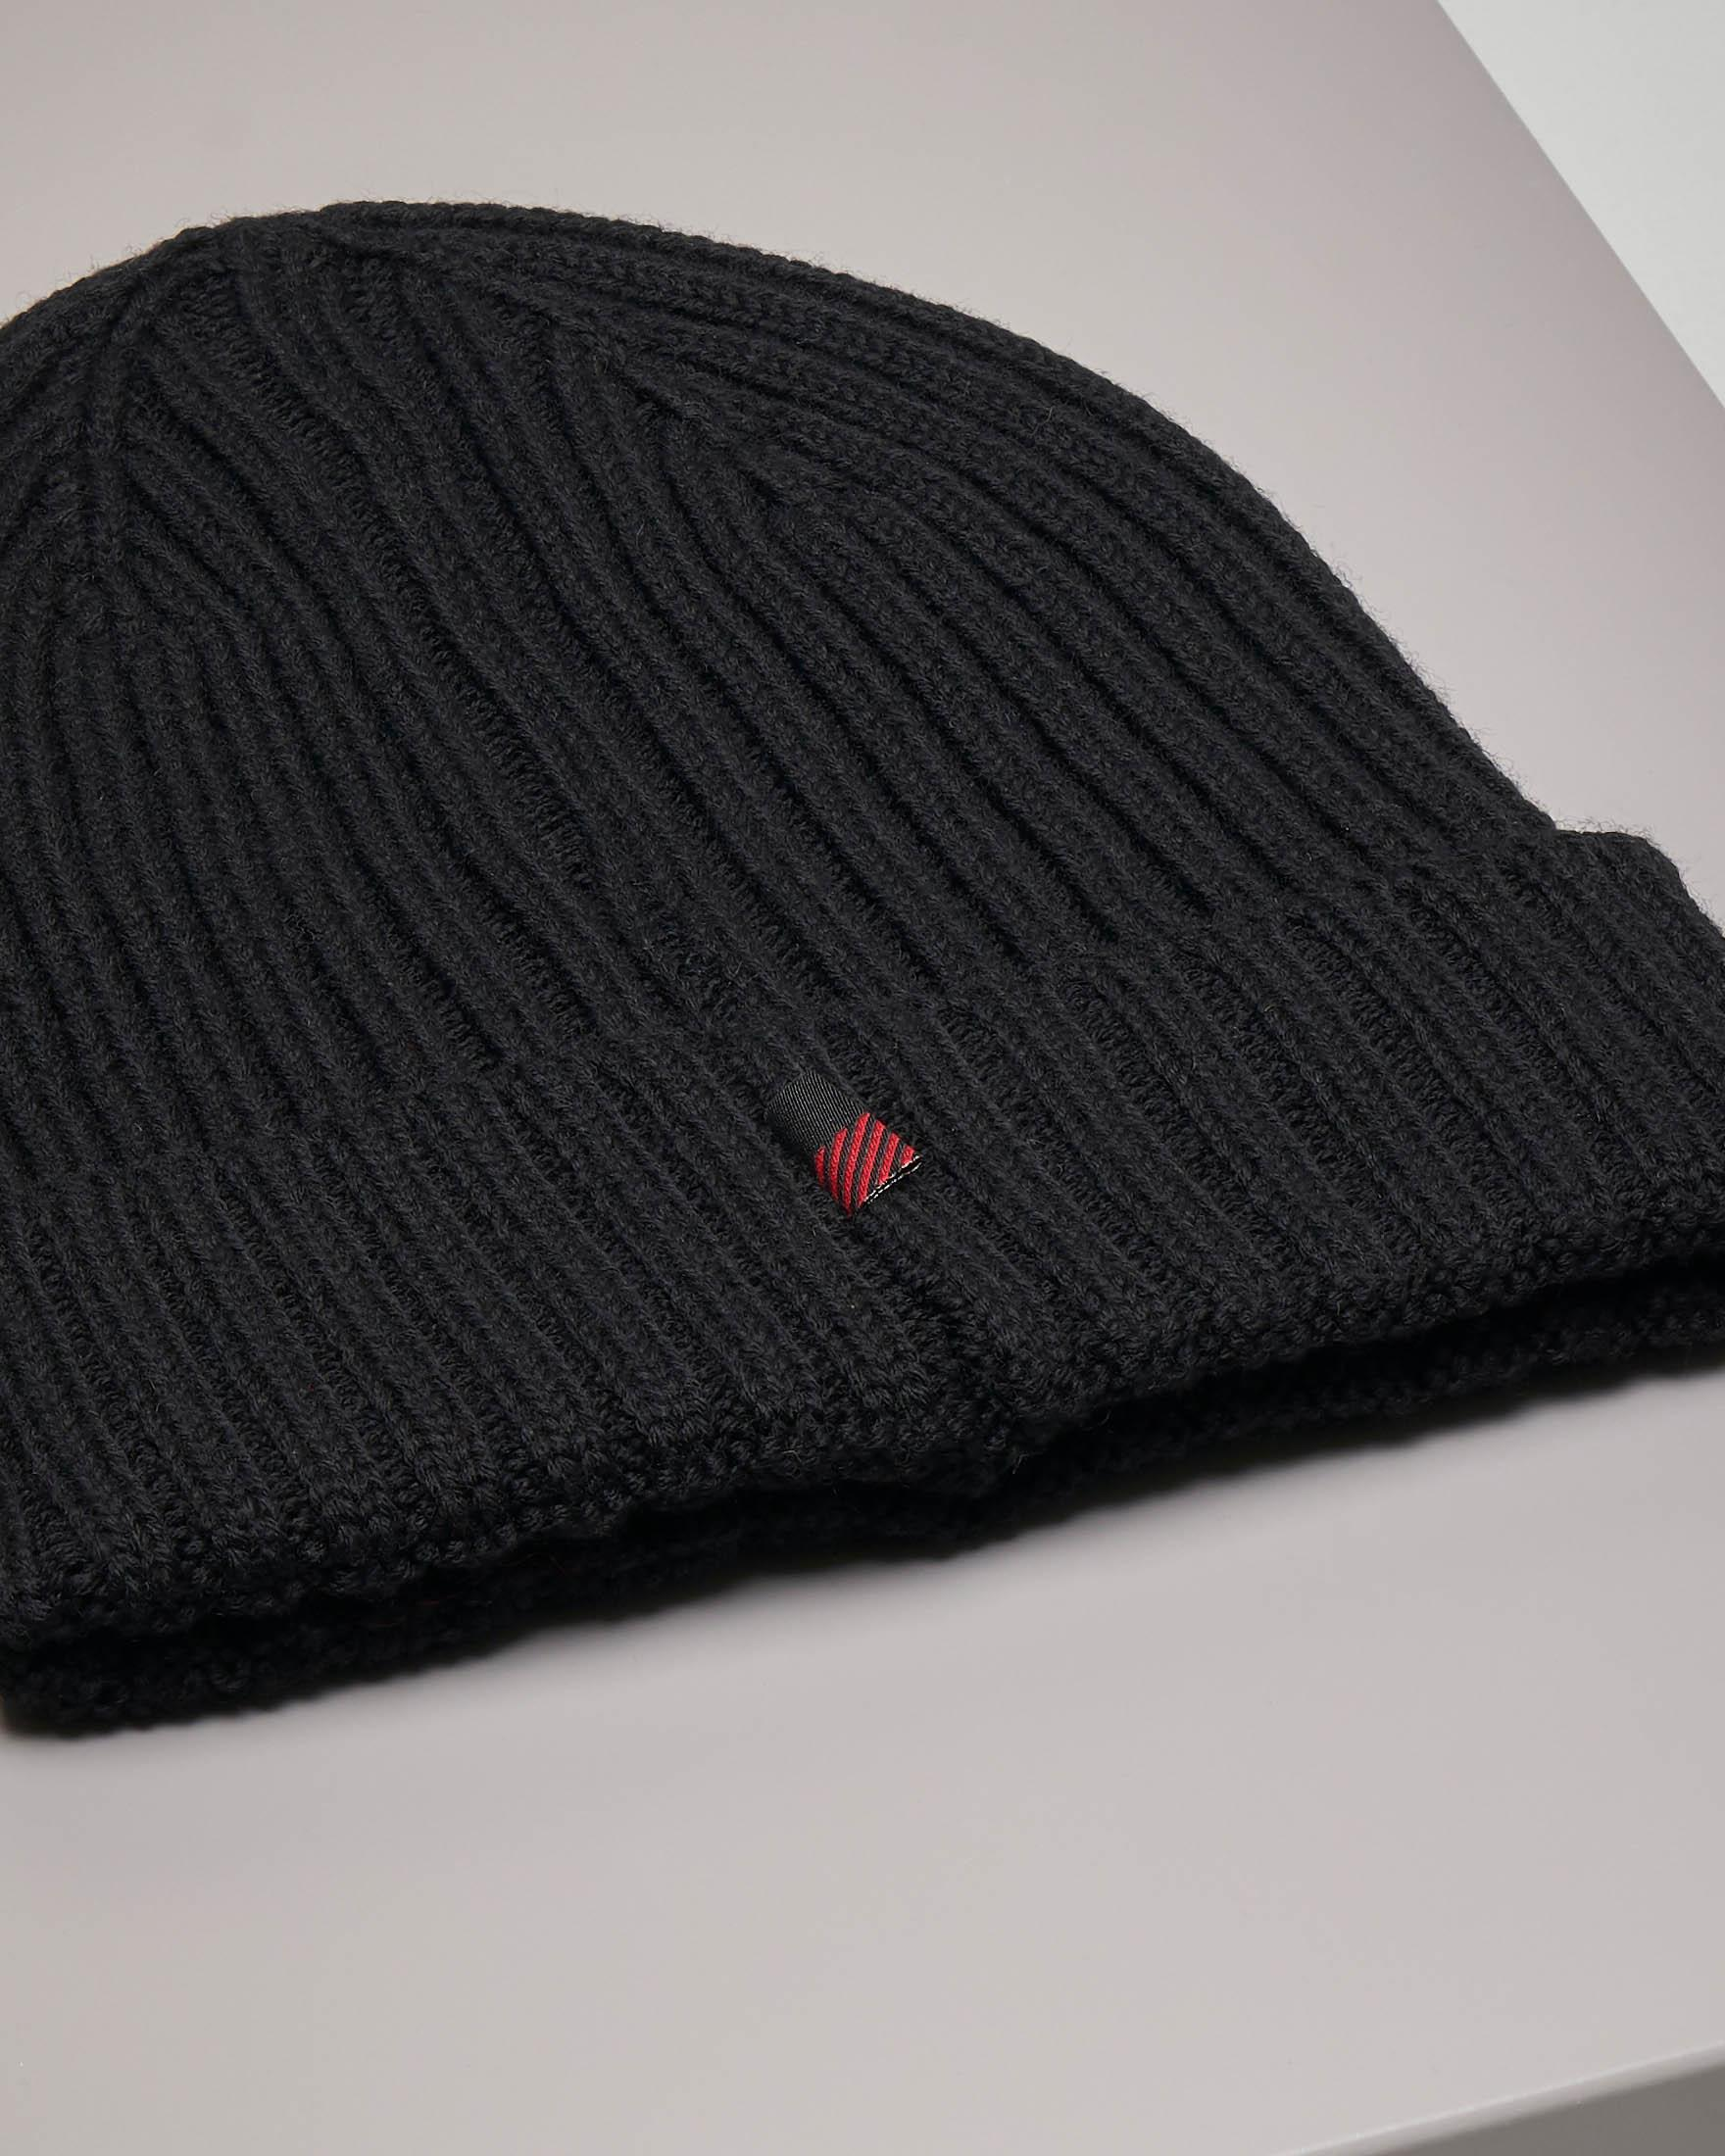 Berretto nero in lana a coste con risvolto